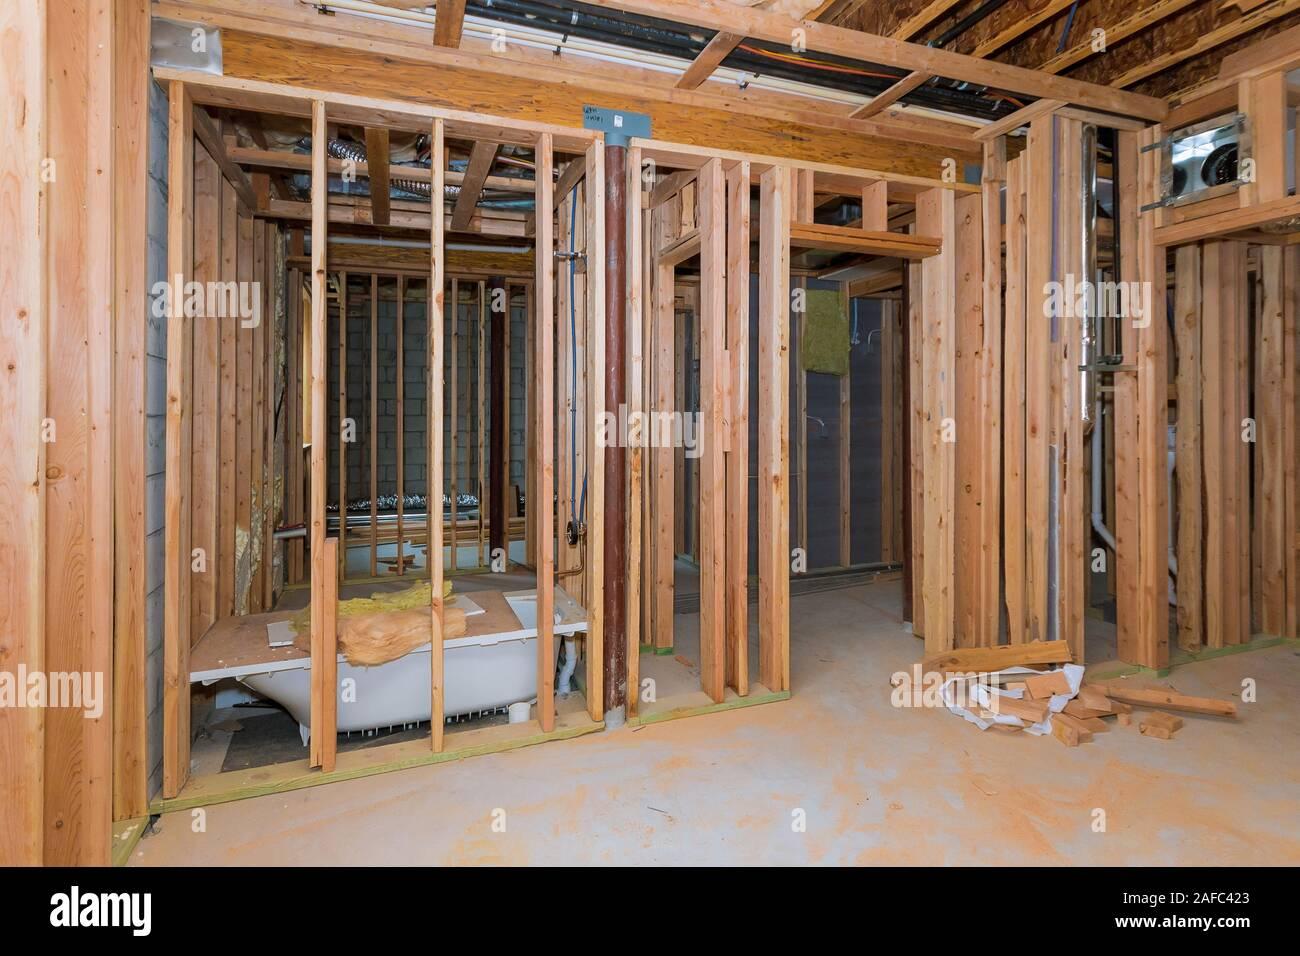 Plomberie Salle De Bain Sous Sol travaux de plomberie salle de bains montrant l'installation